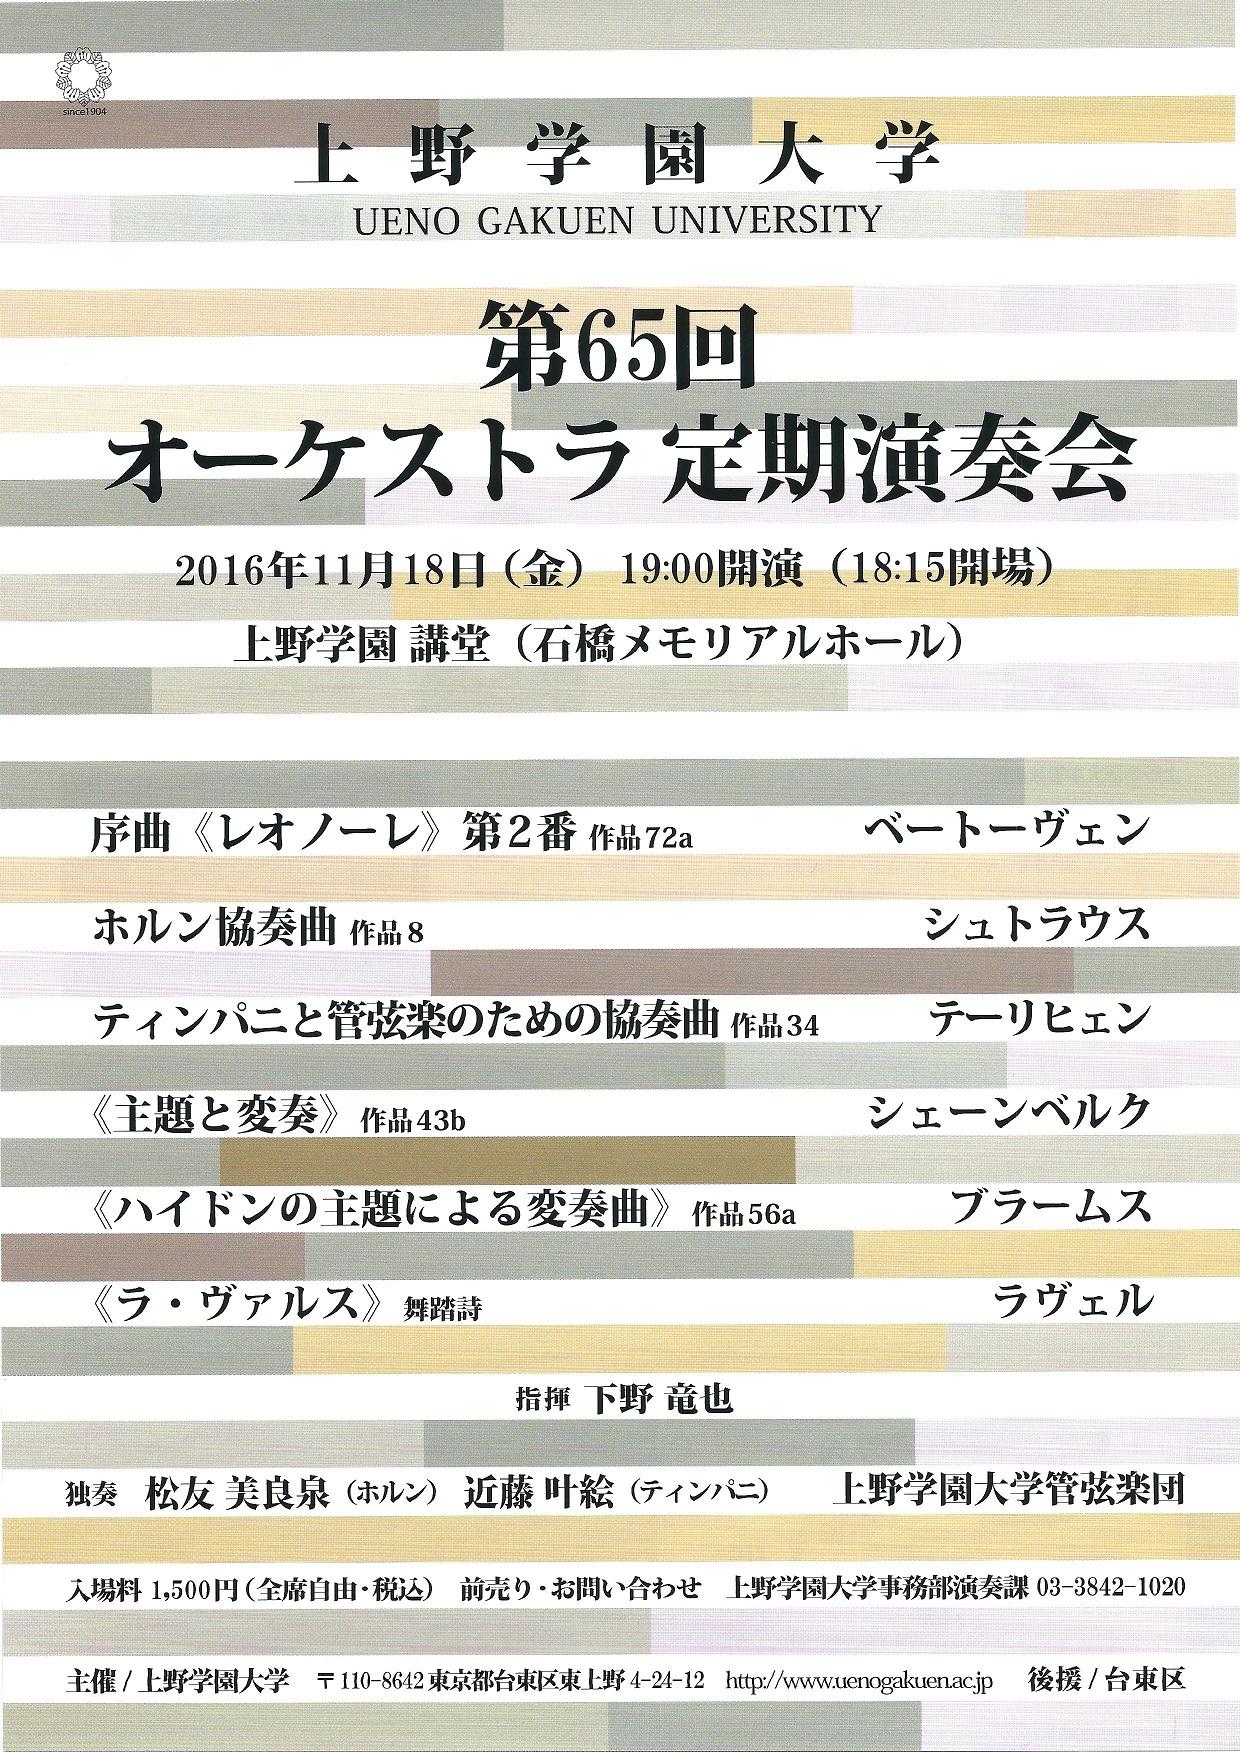 [今週のコンサート] 11/14~11/20